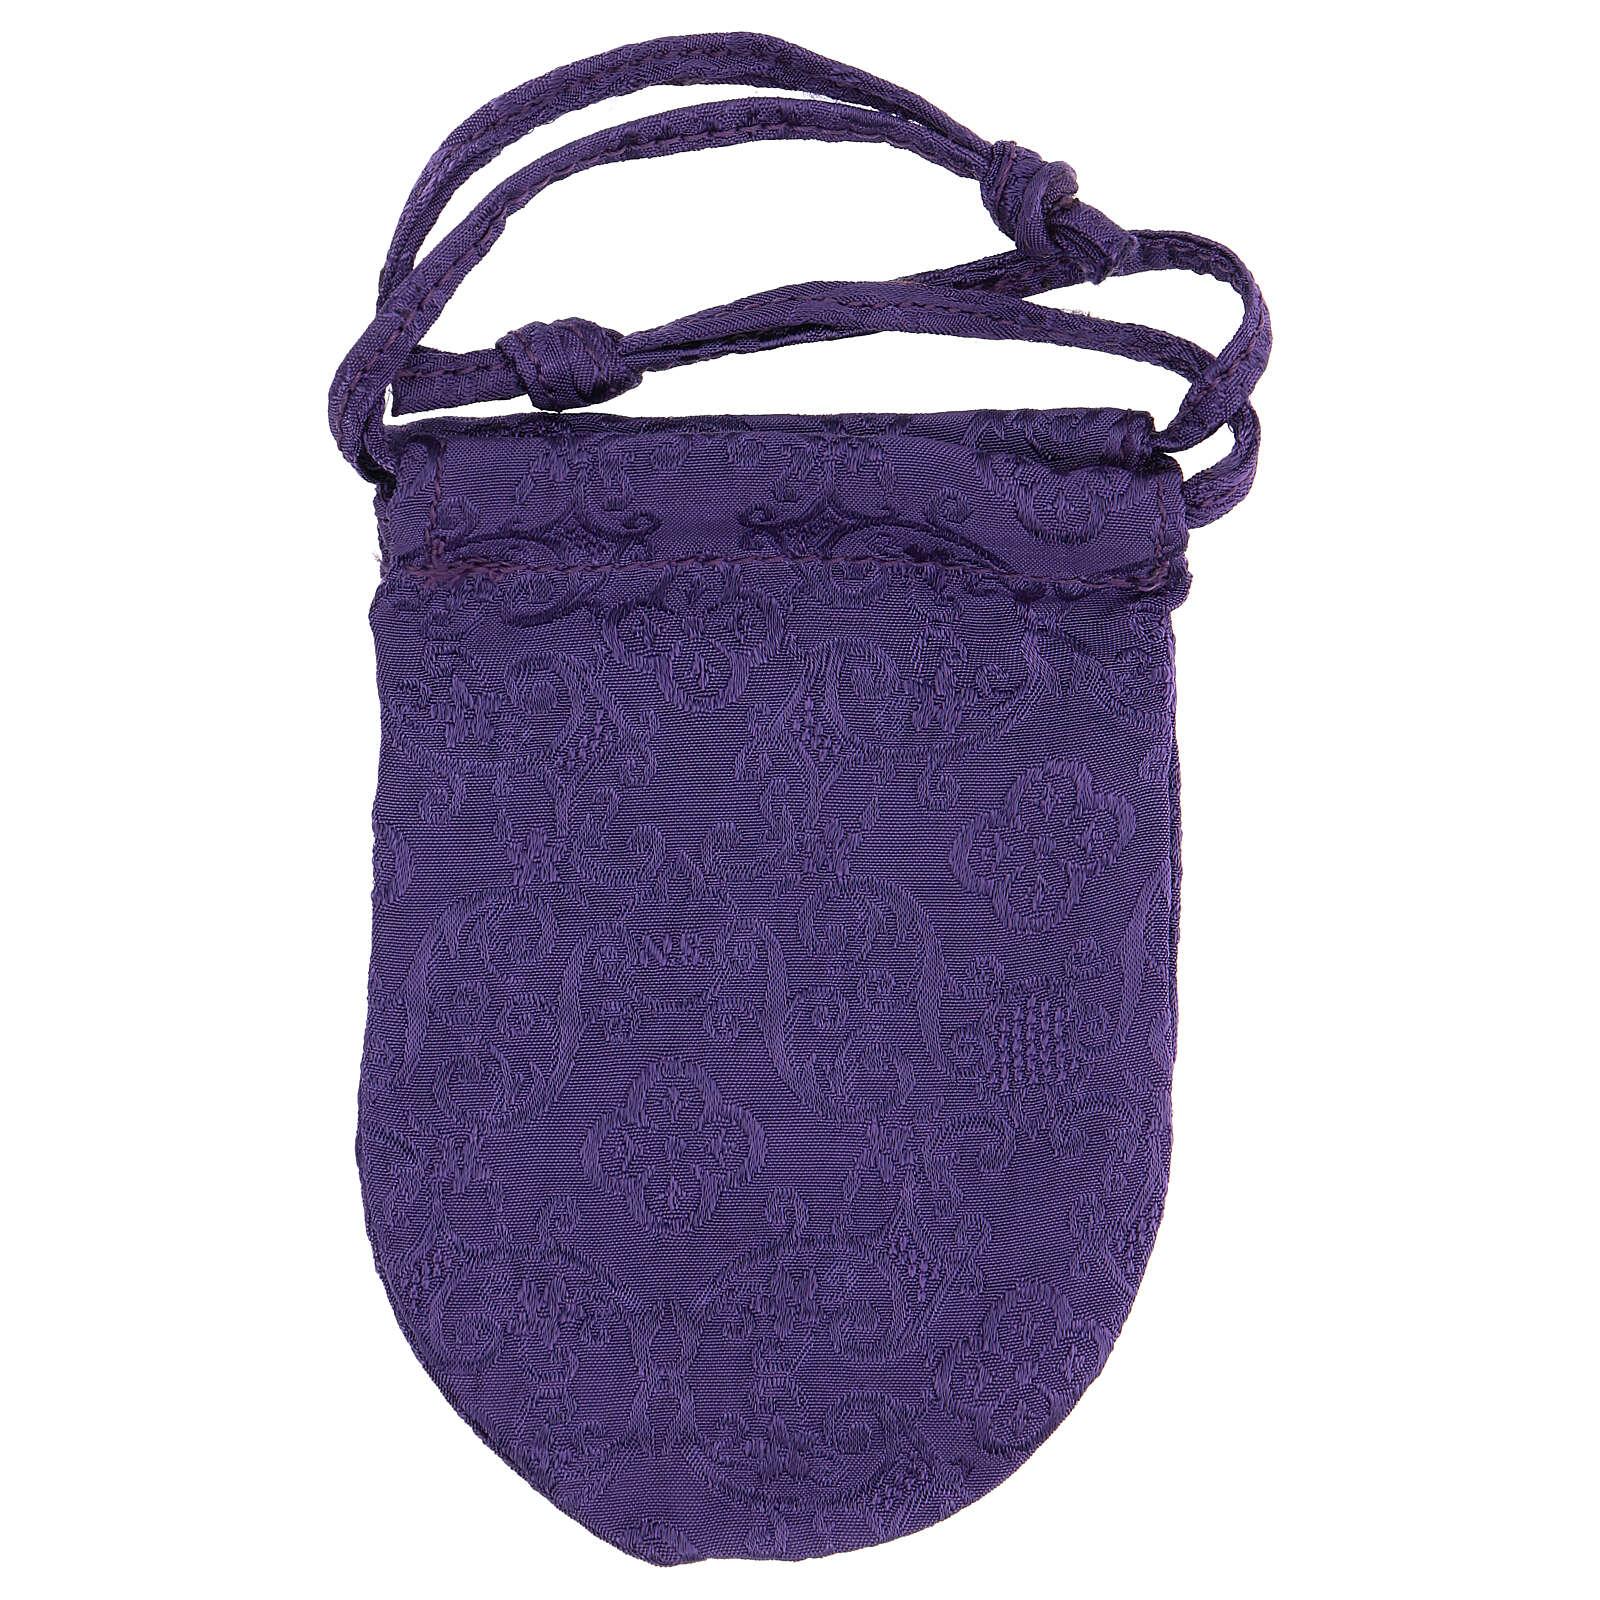 Bolsa relicario eucarístico de jacquard violeta d. 5 cm 3